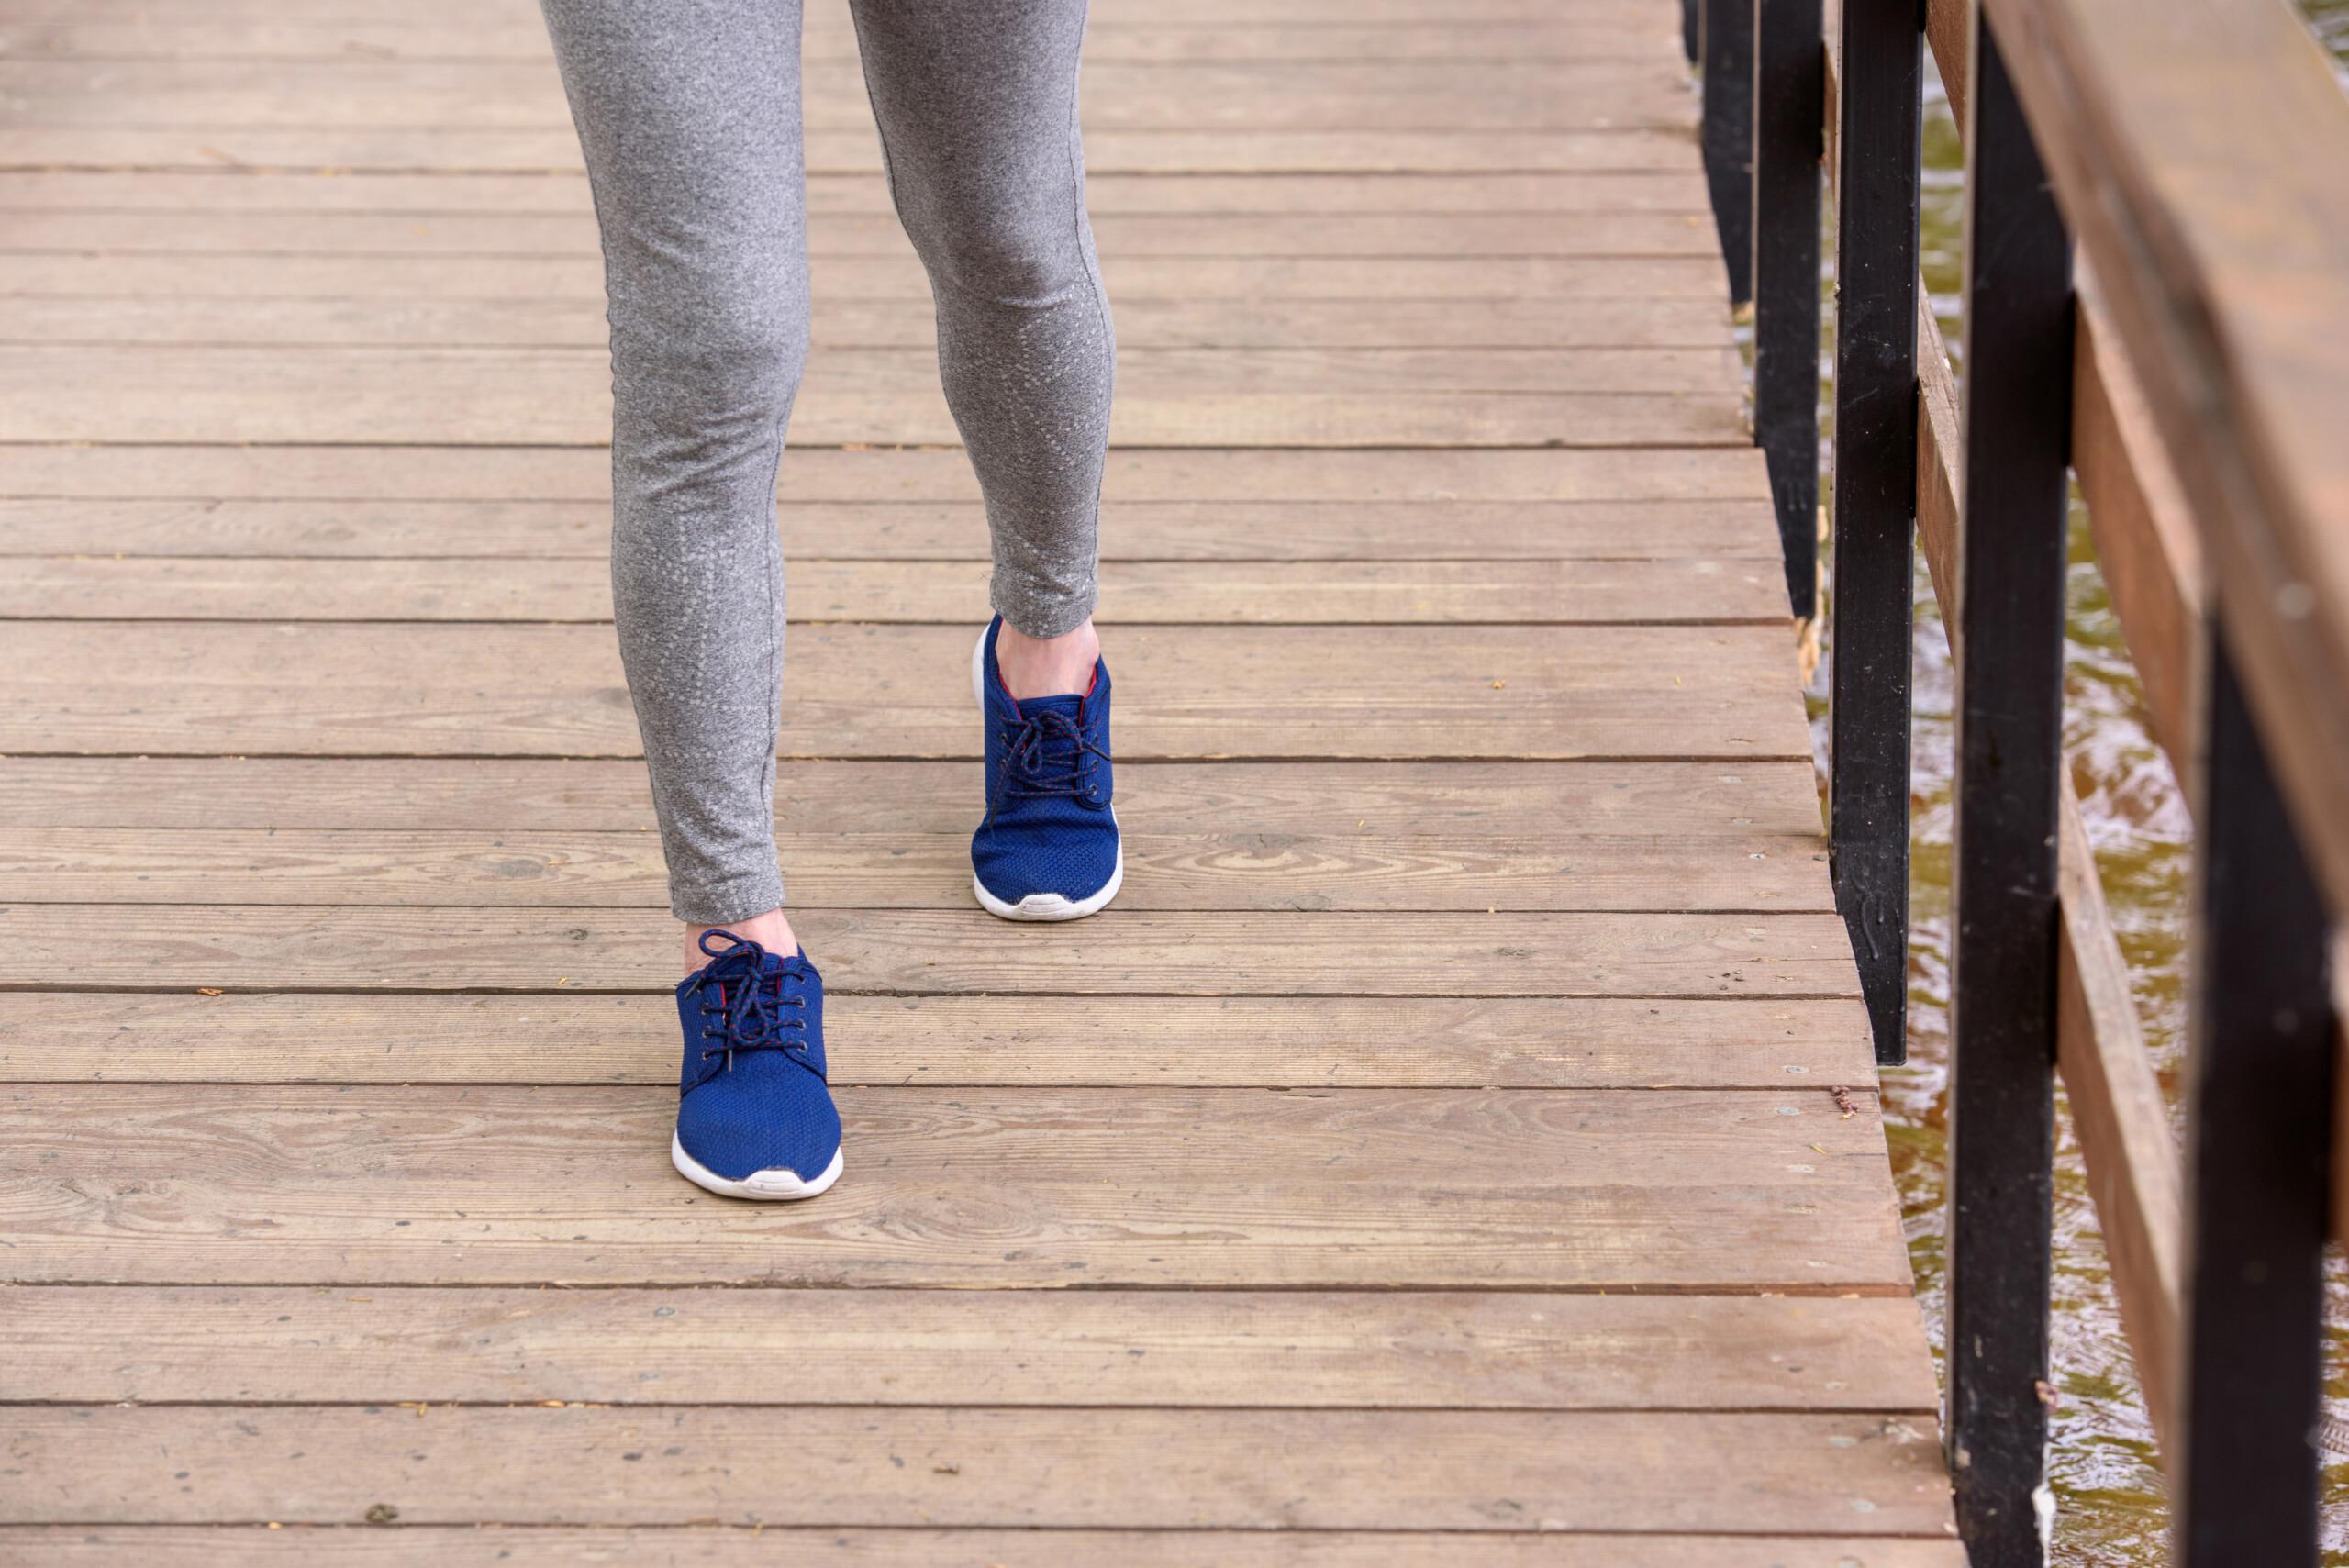 Interval Walking vs. 10,000 Steps a Day for Older Health